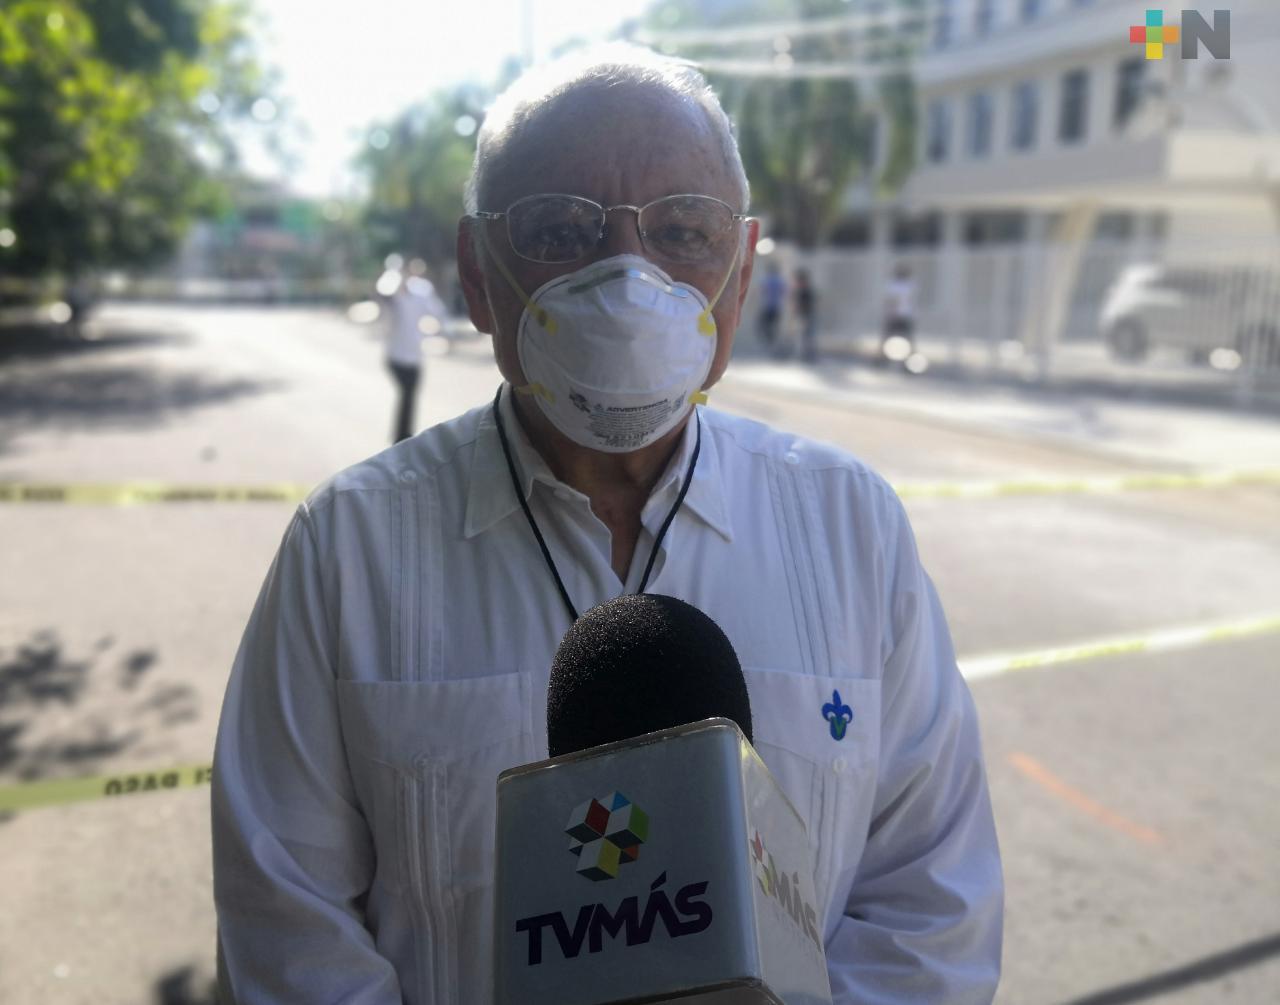 Menos de 5 aspirantes a la UV presentaron síntomas de COVID-19 en región de Veracruz